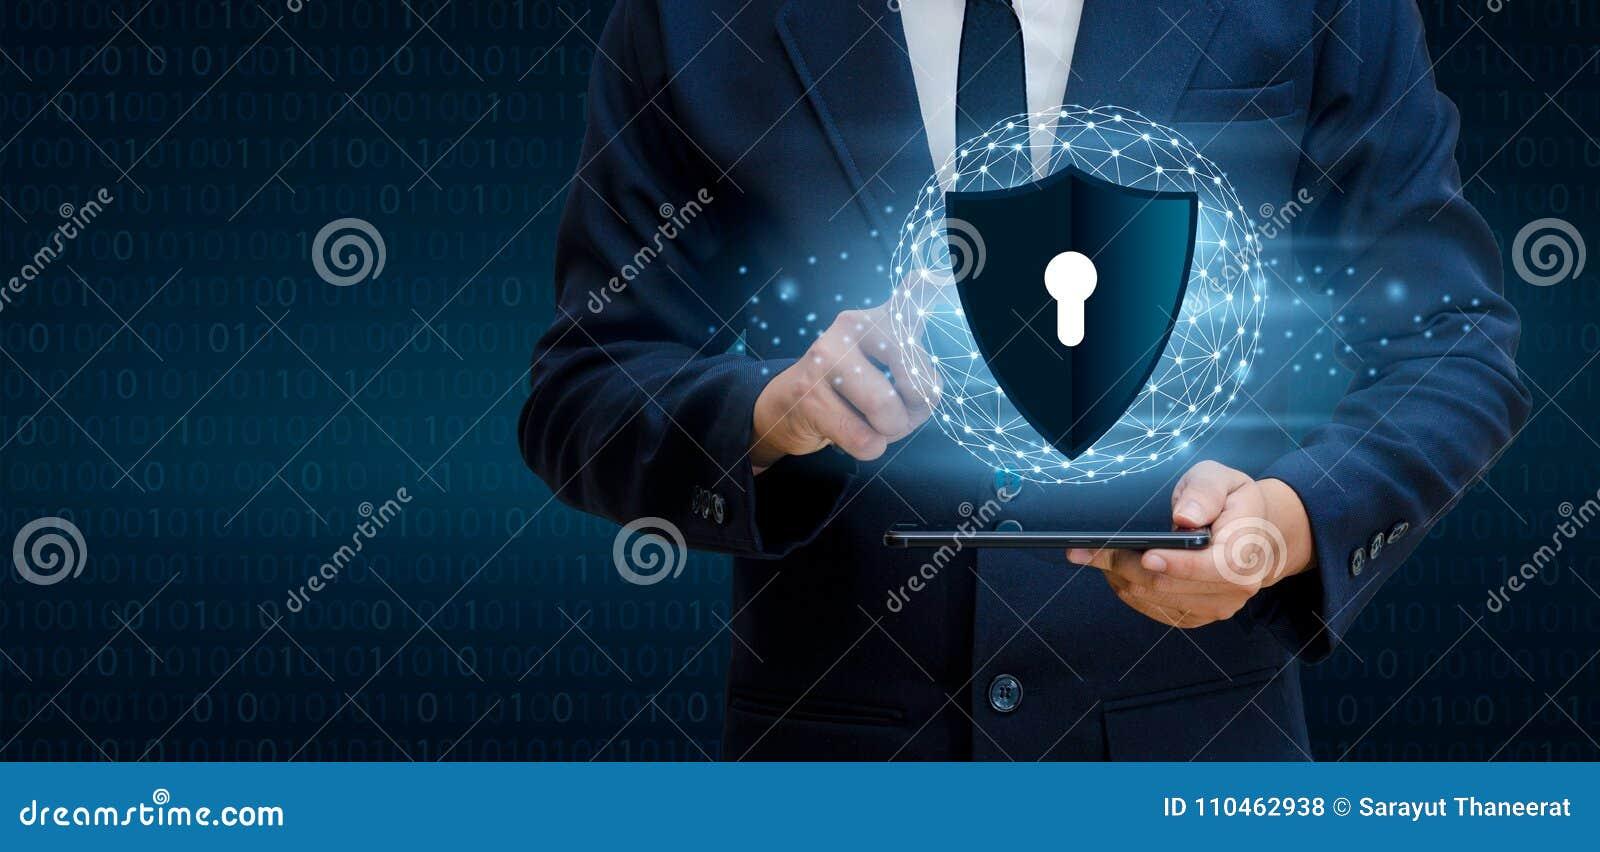 Van de het bedrijfs netwerkplaneet van de aardeveelhoek de handen de Wereld van de mensenschok beschermen informatie in cyberspac